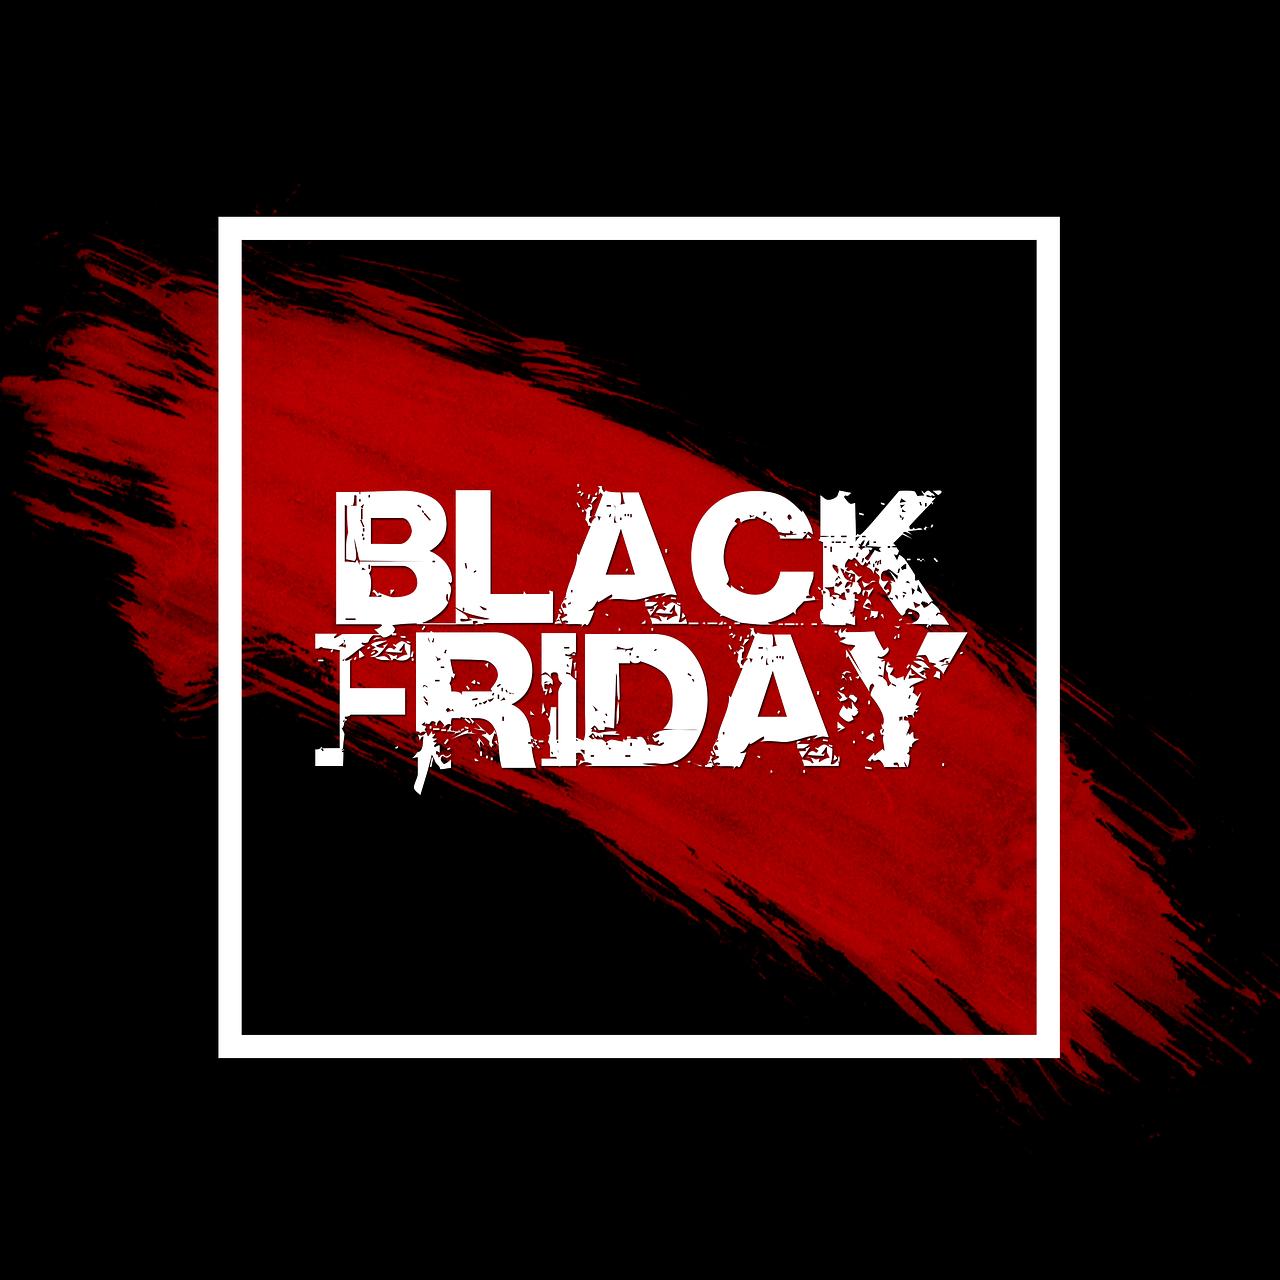 Offerte Black Friday Amazon 2020: le migliori offerte Anticipate